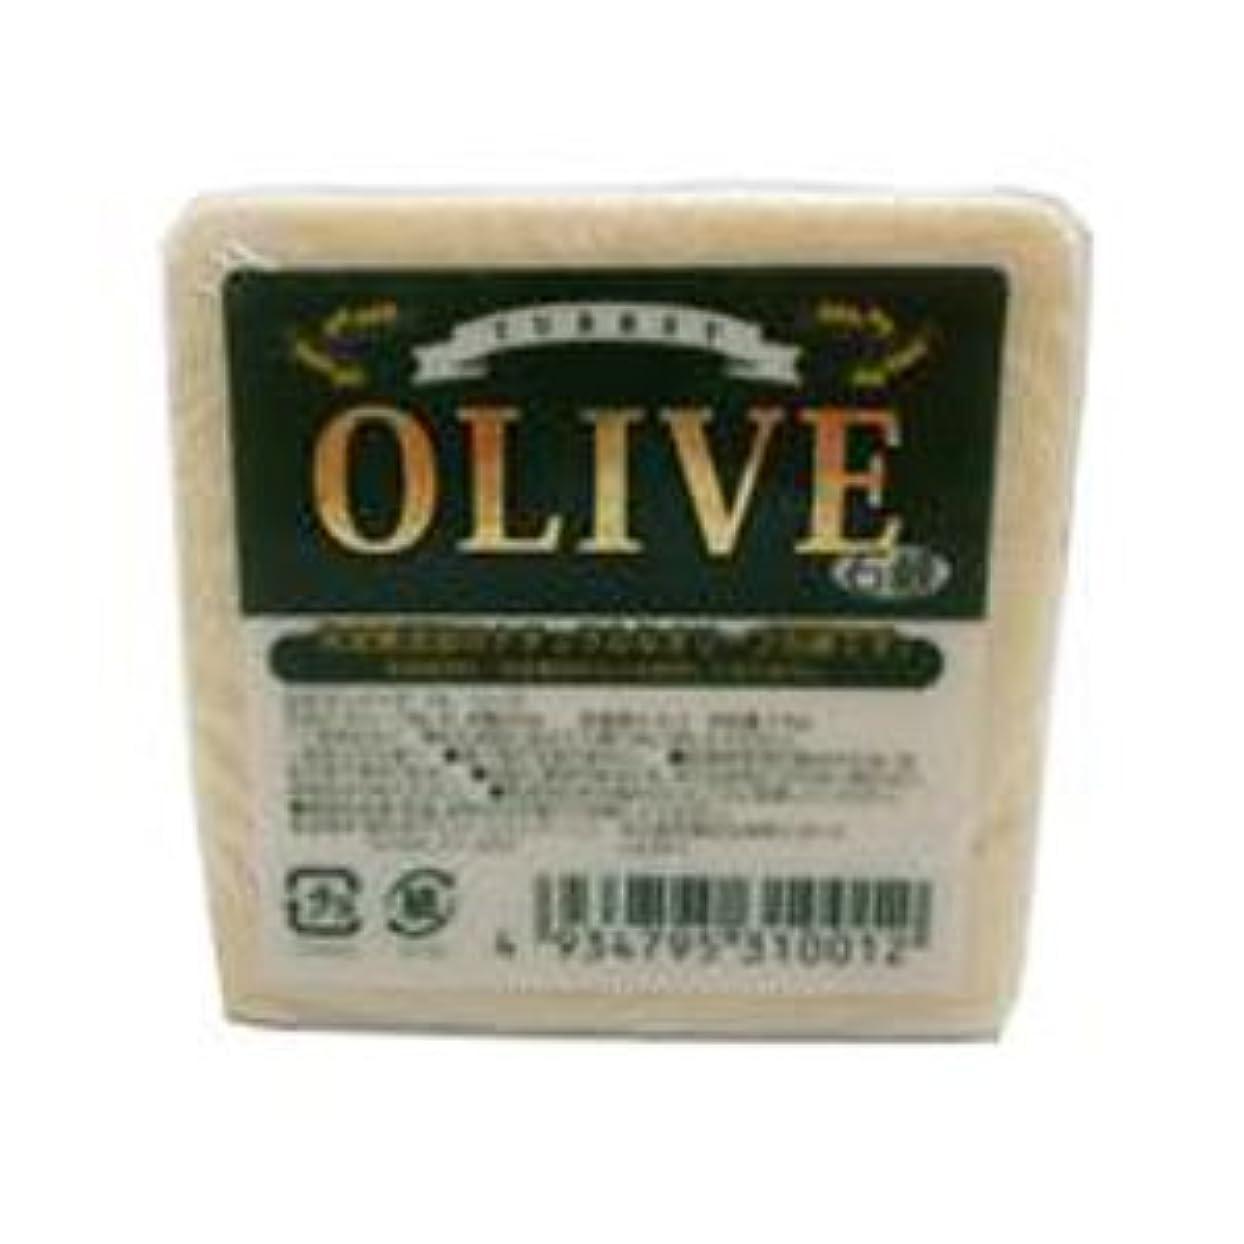 隣接する不良クライストチャーチお得な10個セット トルコ産オリーブを使用した無添加石鹸 ターキーオリーブ石鹸 135g